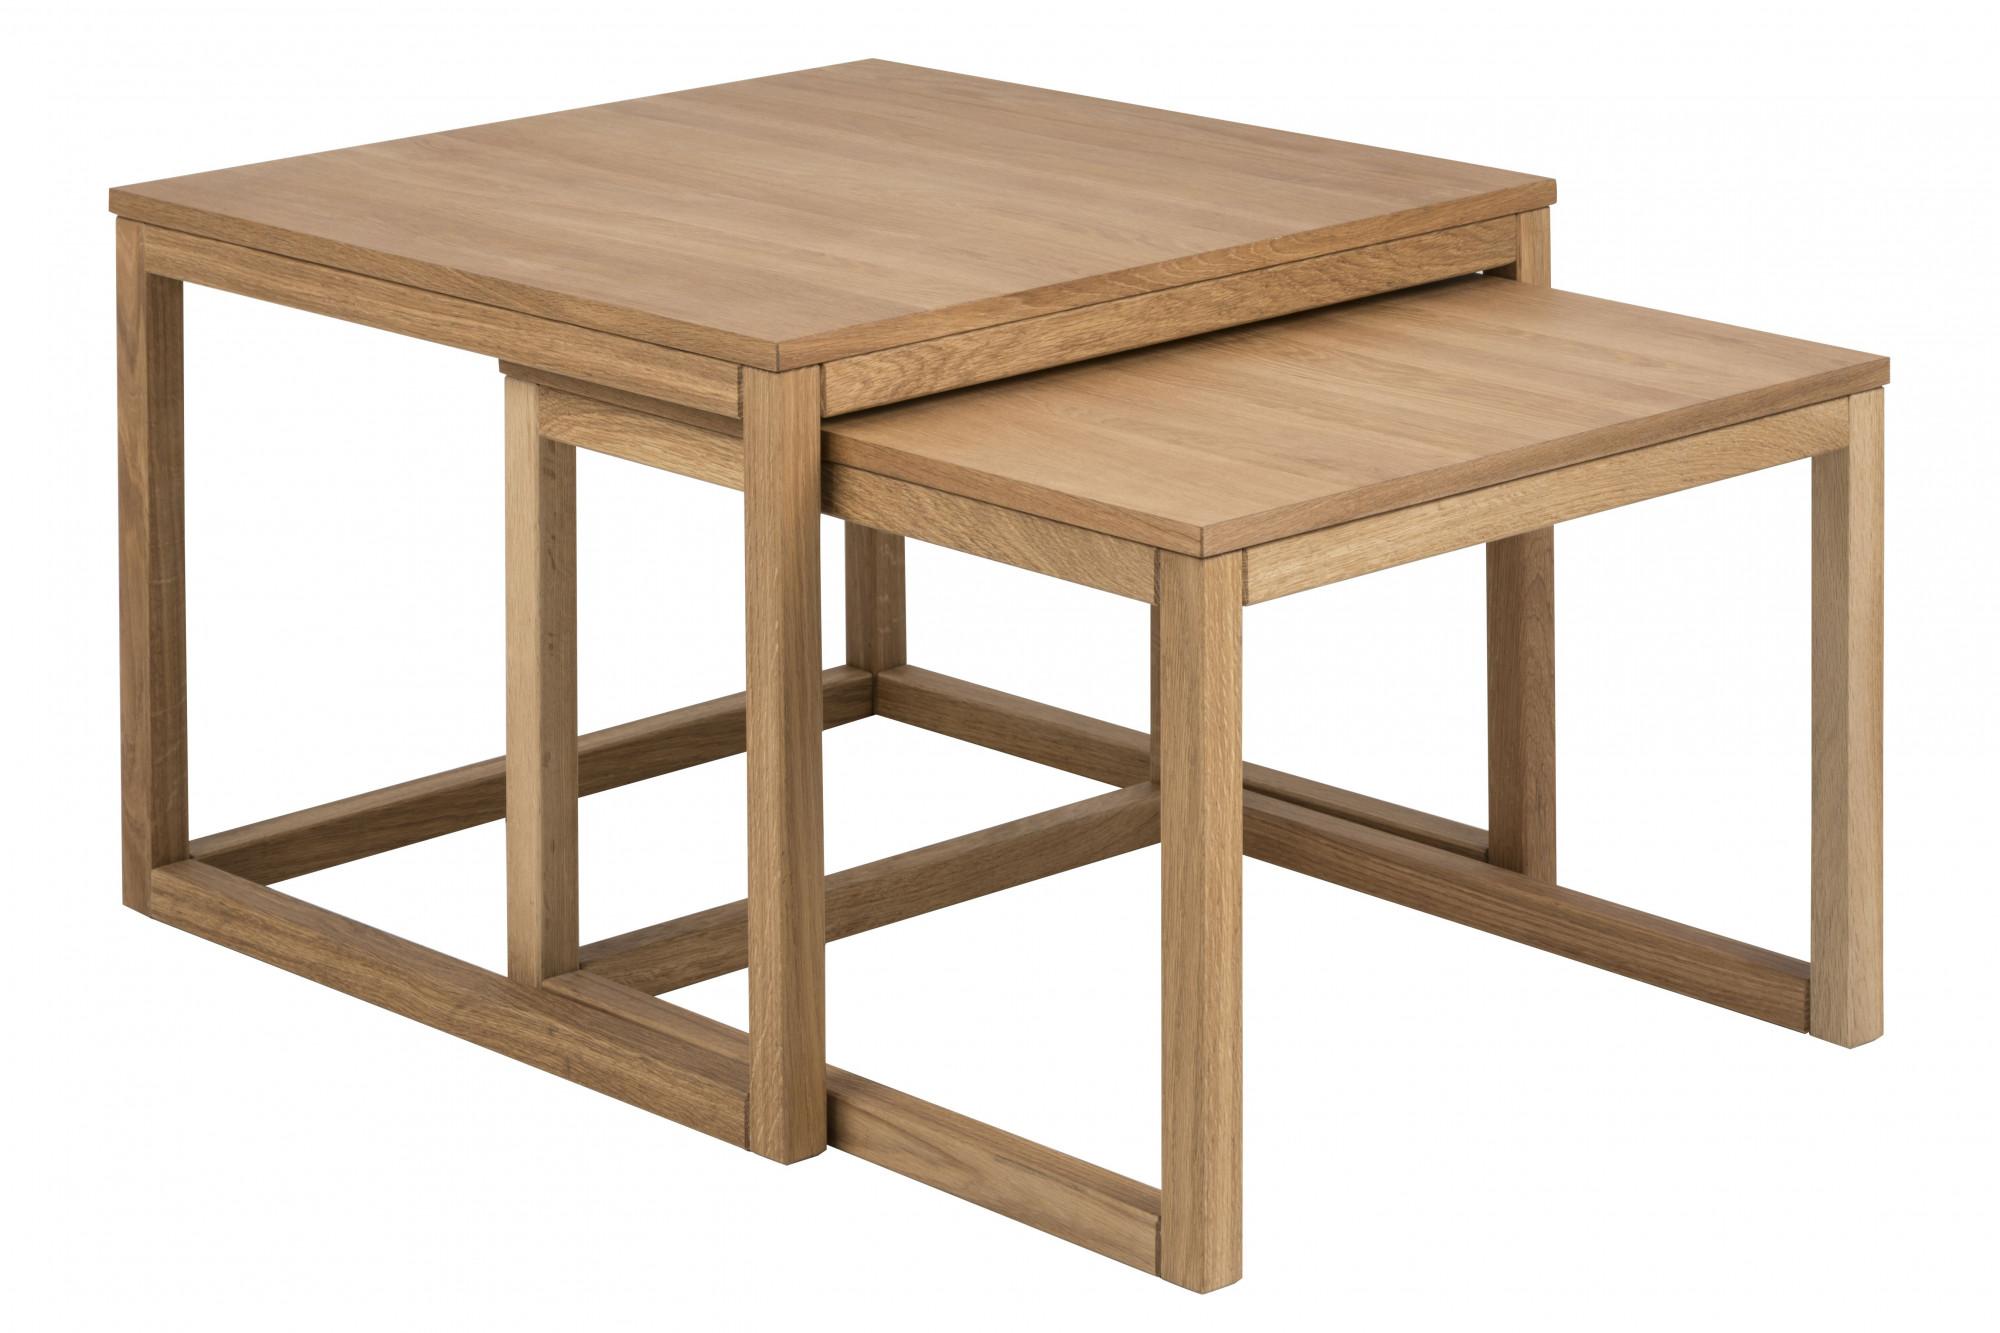 Table De Salon Gigogne.Table Basse Carree En Chene Modele Gigogne Hellin